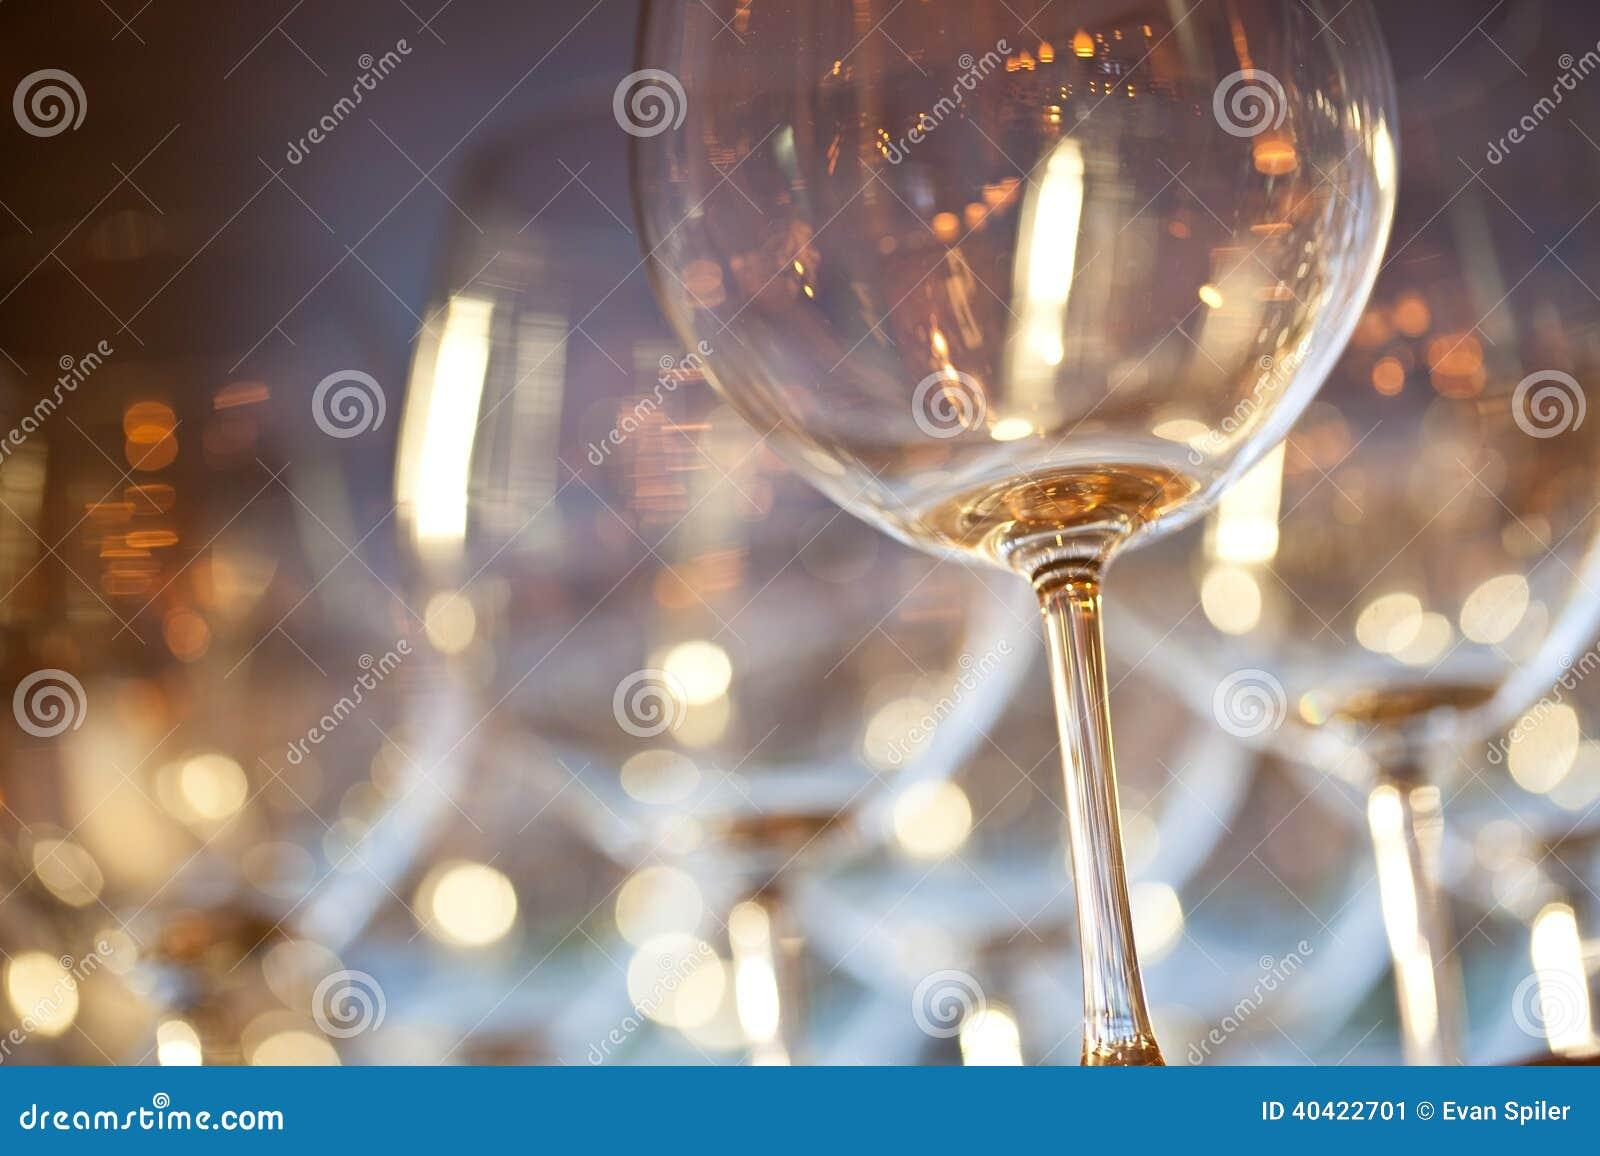 Golden Wine Glasses